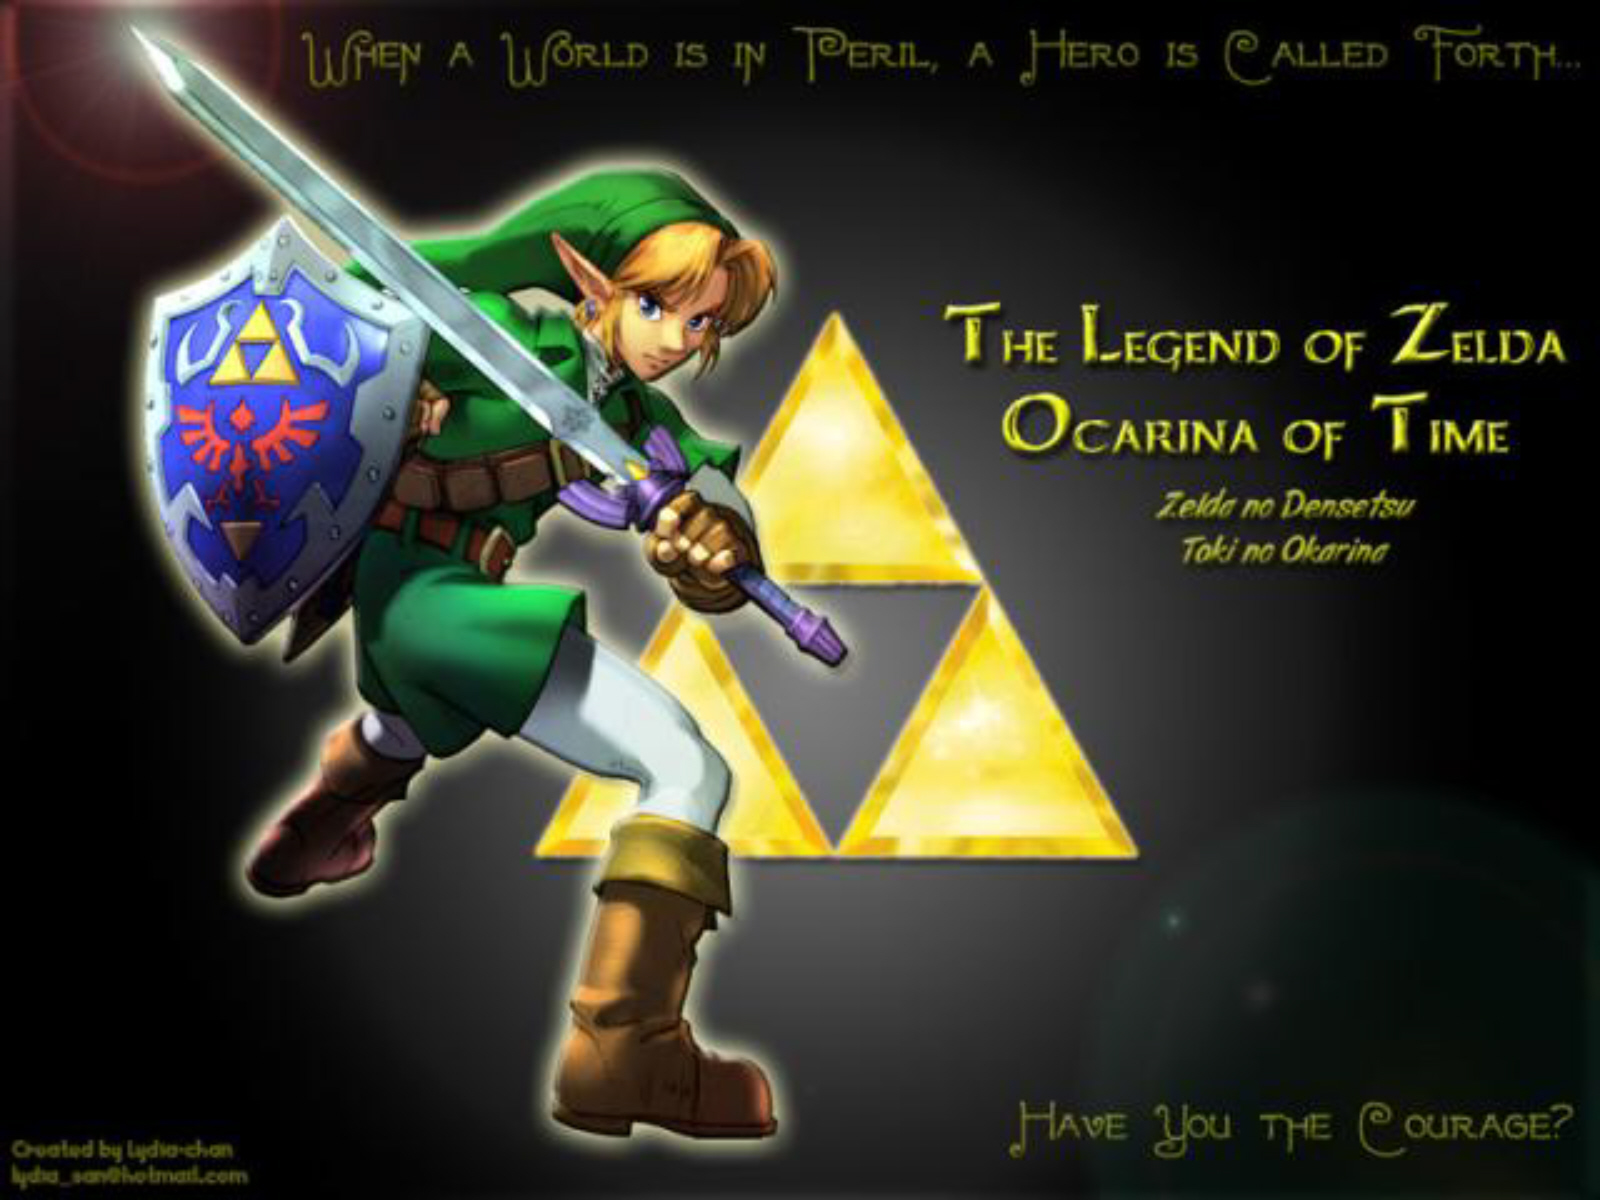 Zelda Ocarina Of Time 3d Wallpaper The Legend Of Zelda Ocarina Of Time 3d Wallpaper